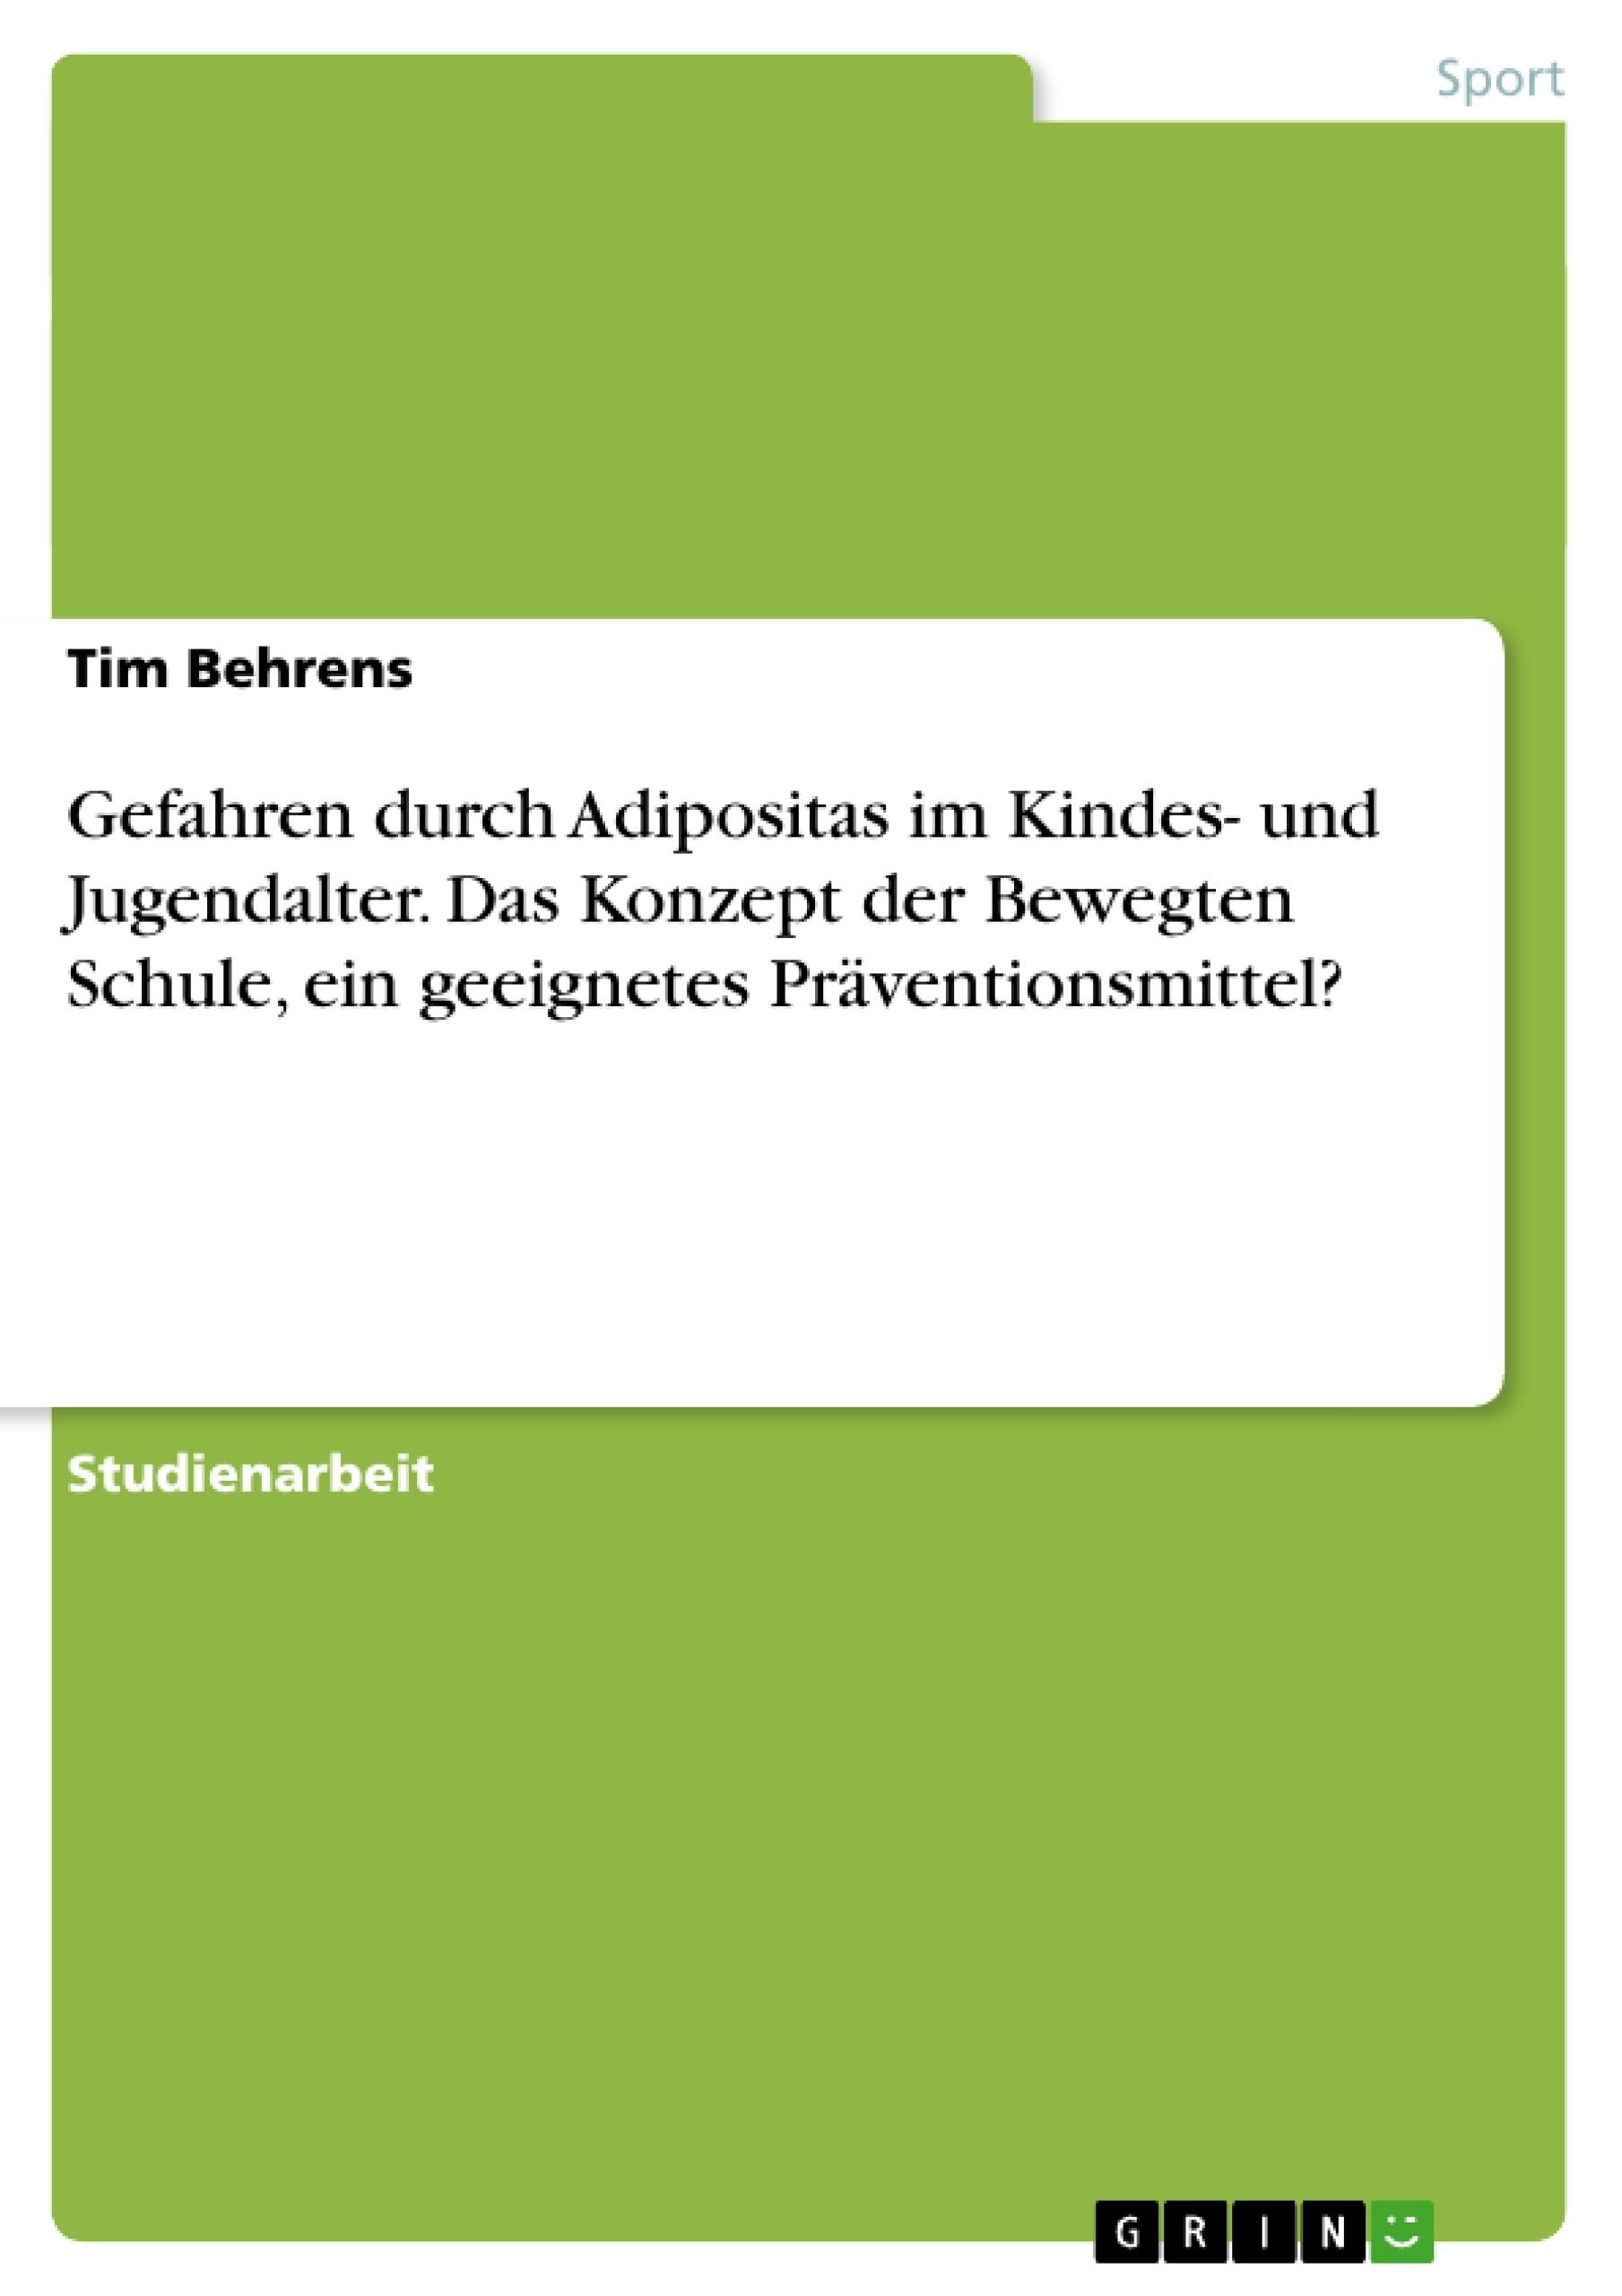 Titel: Gefahren durch Adipositas im Kindes- und Jugendalter. Das Konzept der Bewegten Schule, ein geeignetes Präventionsmittel?